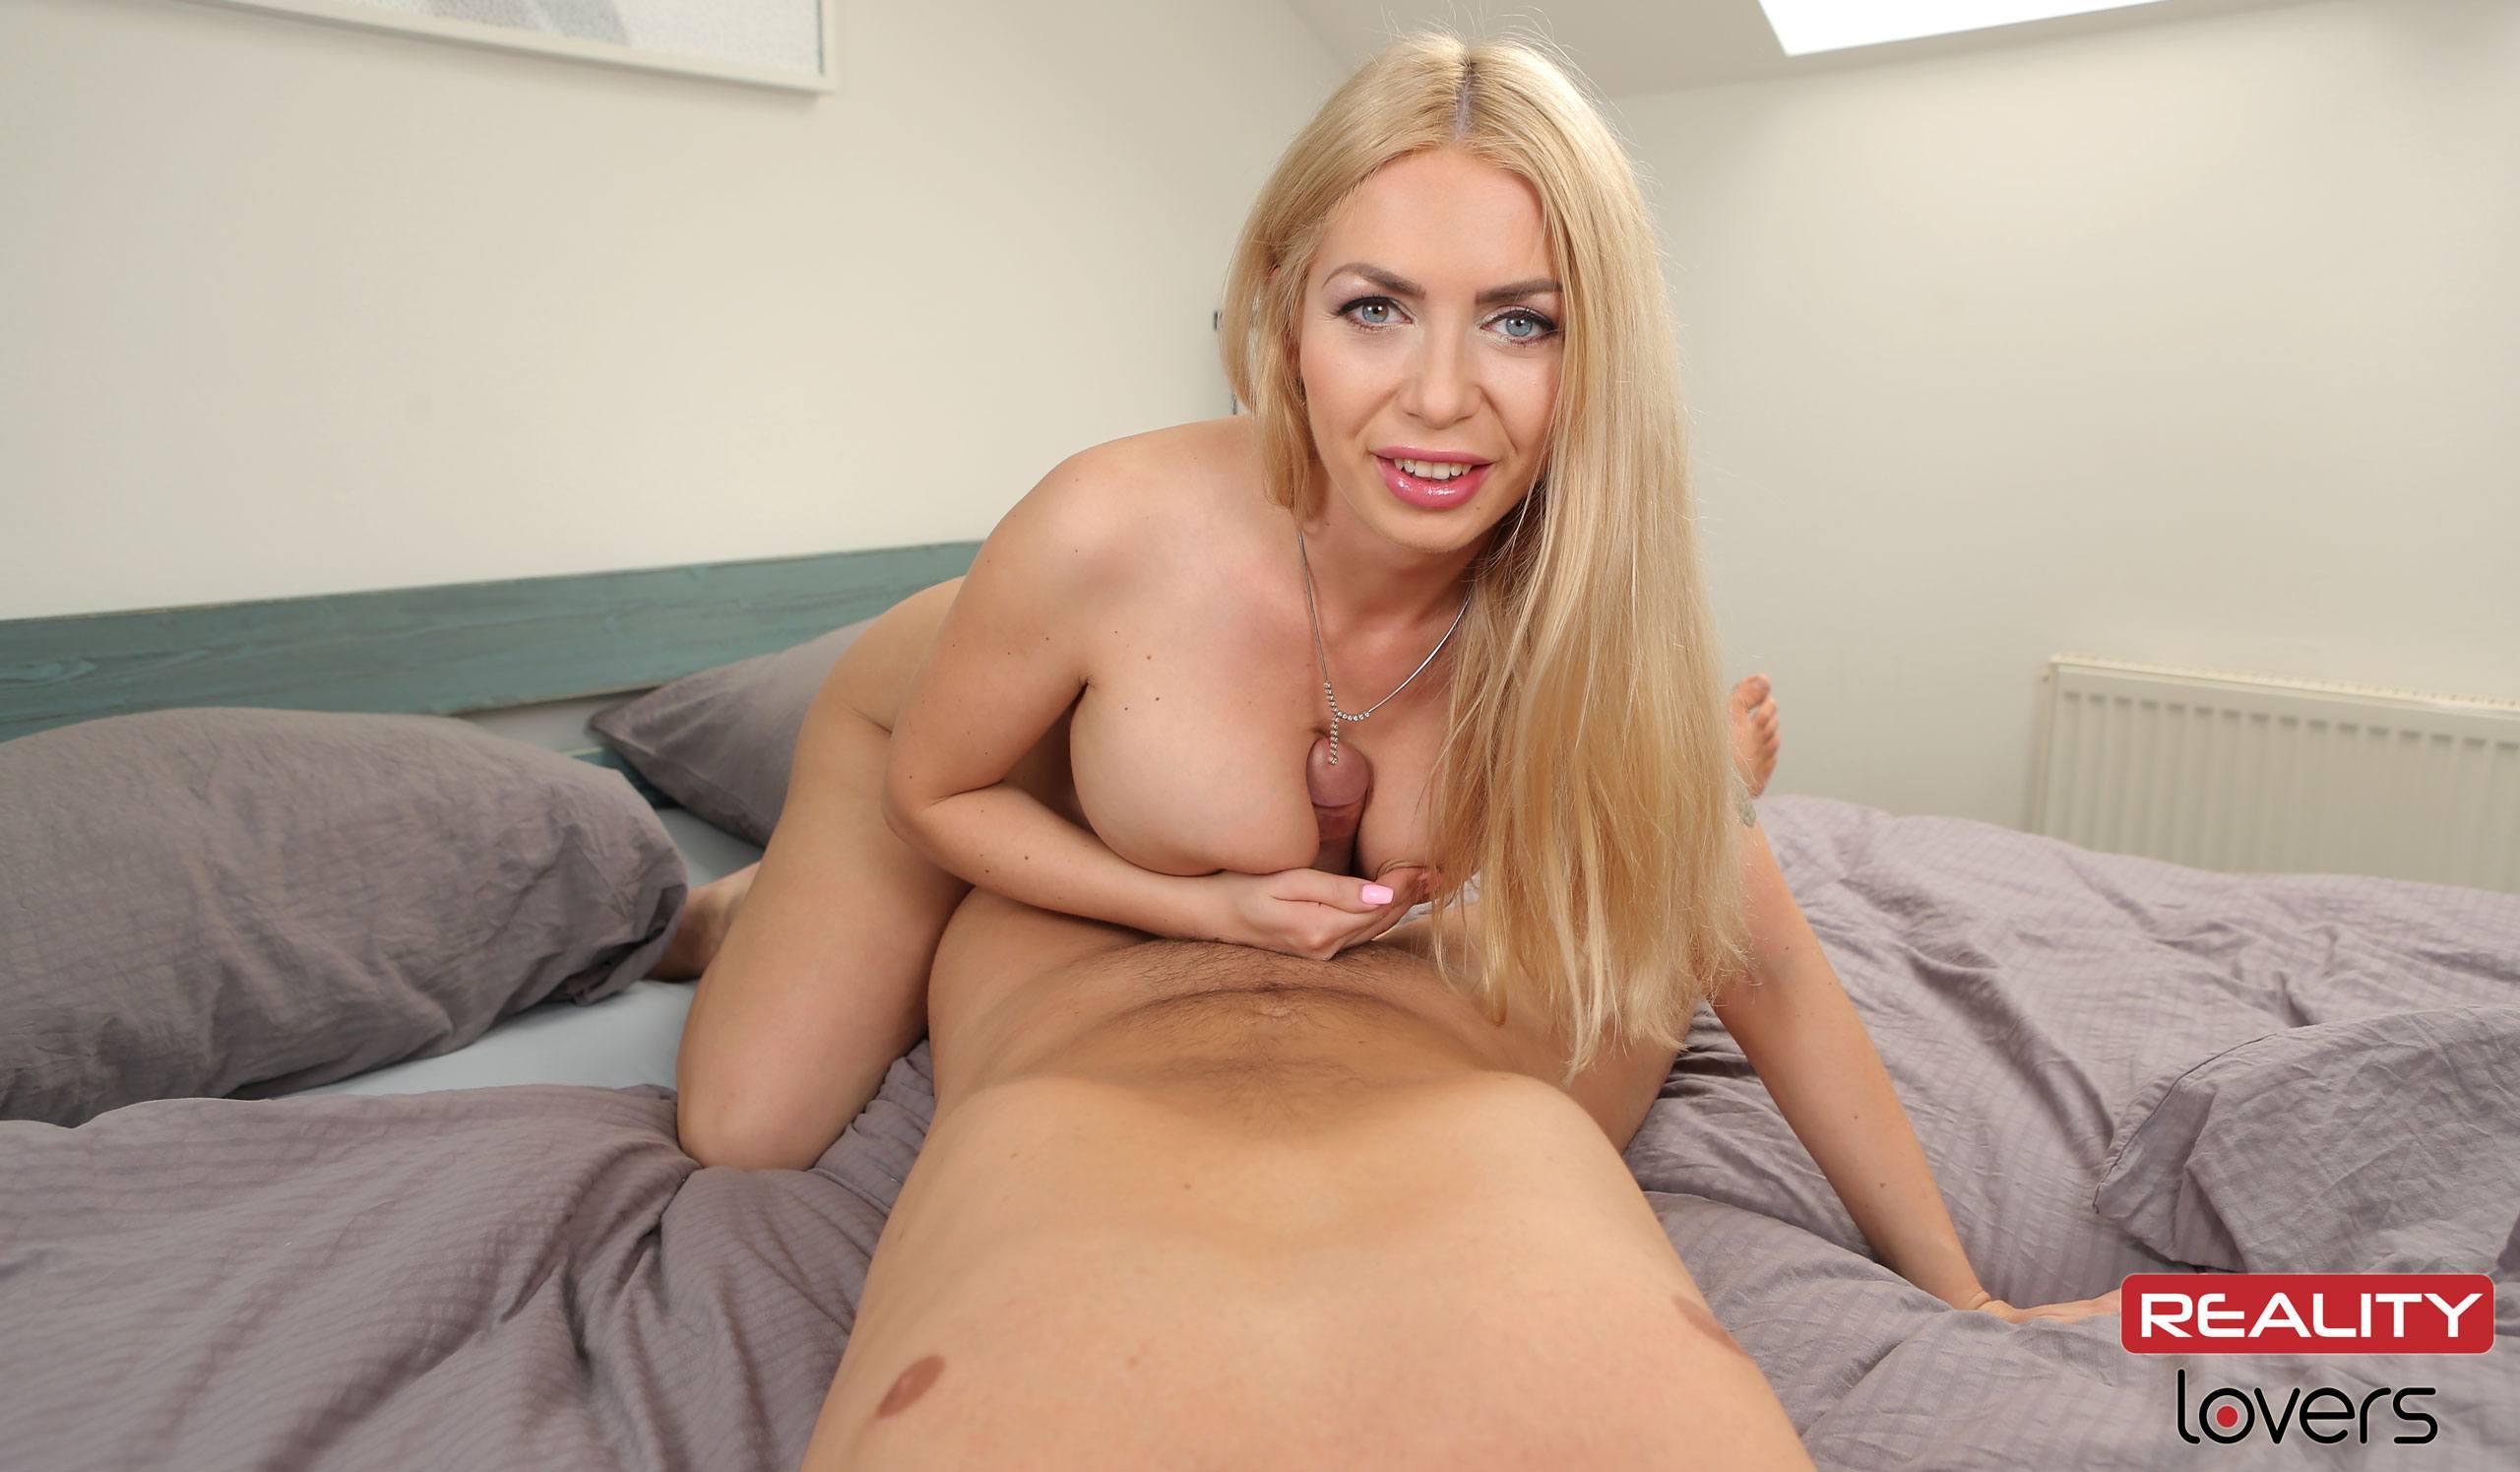 Isabella clark порно видео на улице